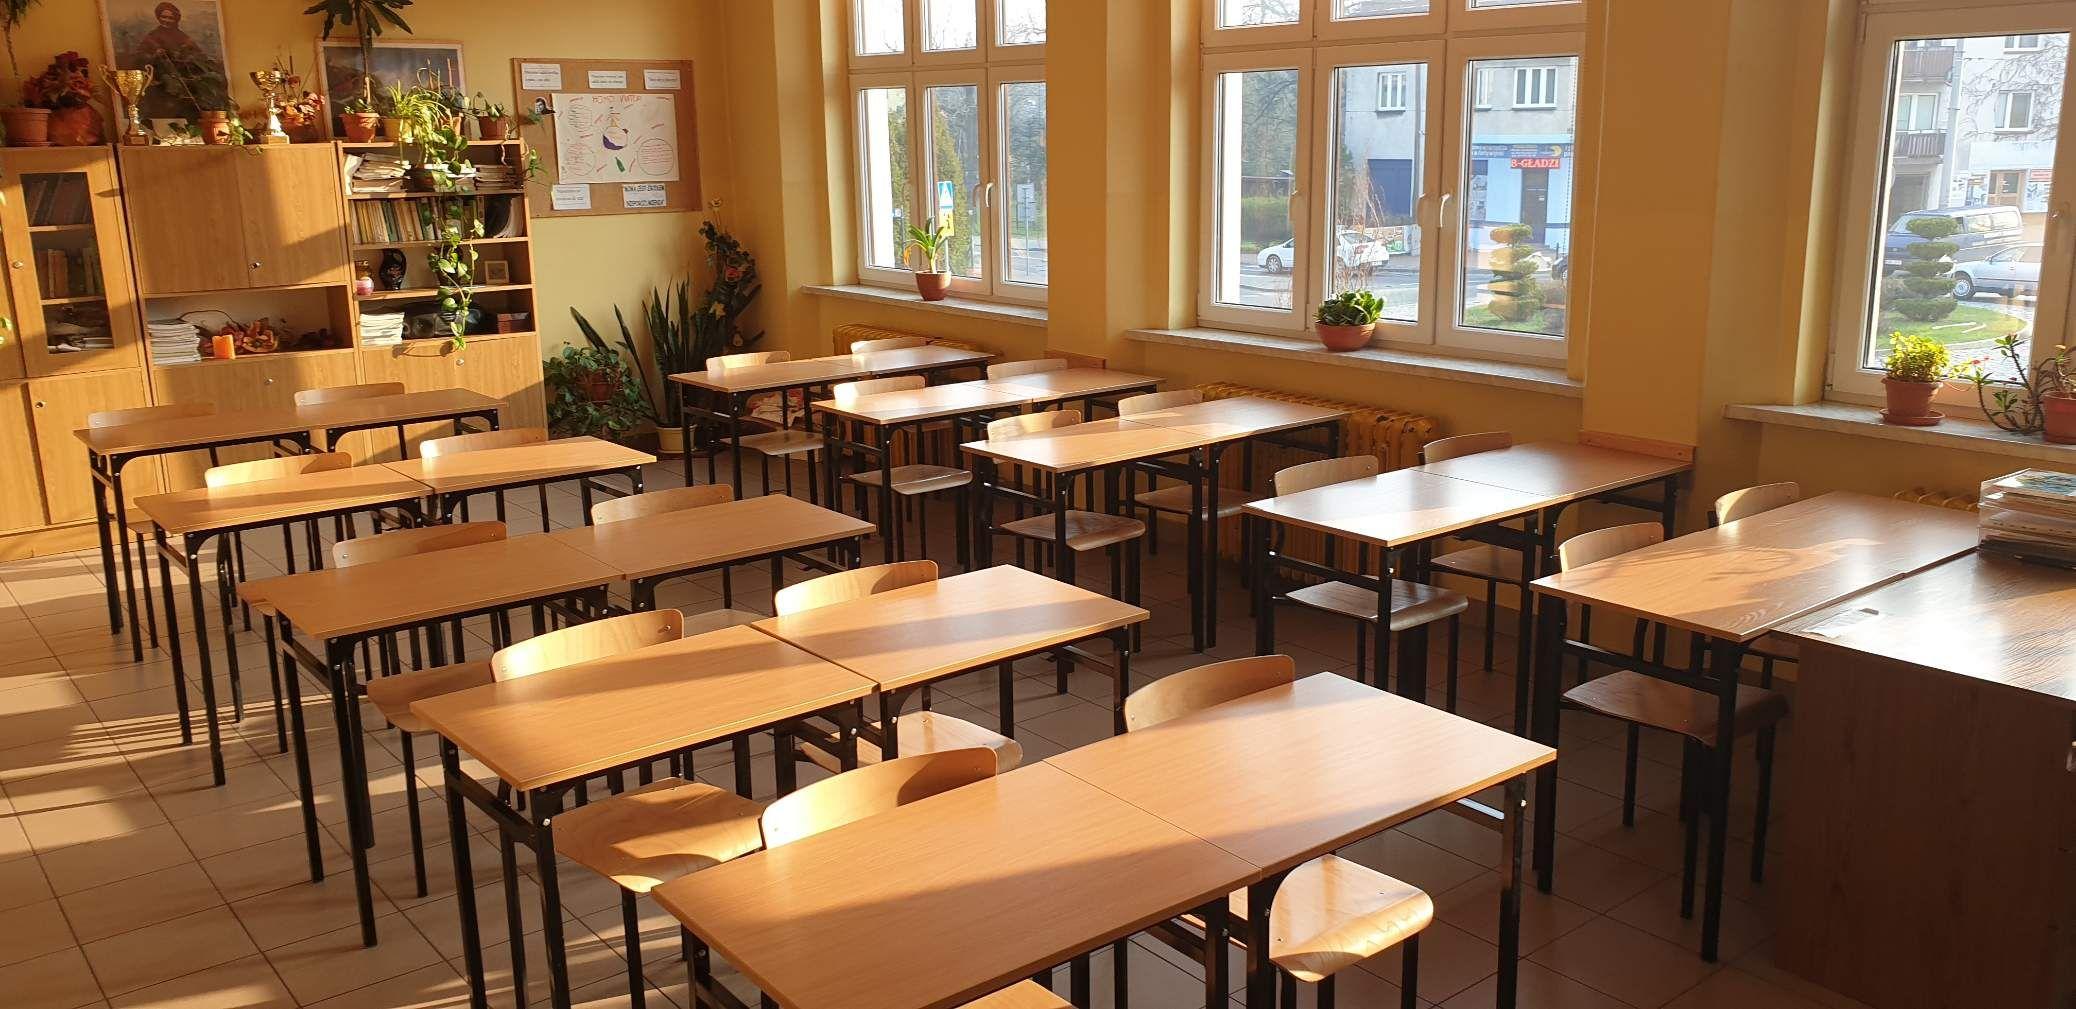 W szkołach rozpoczyna się nowy strajk